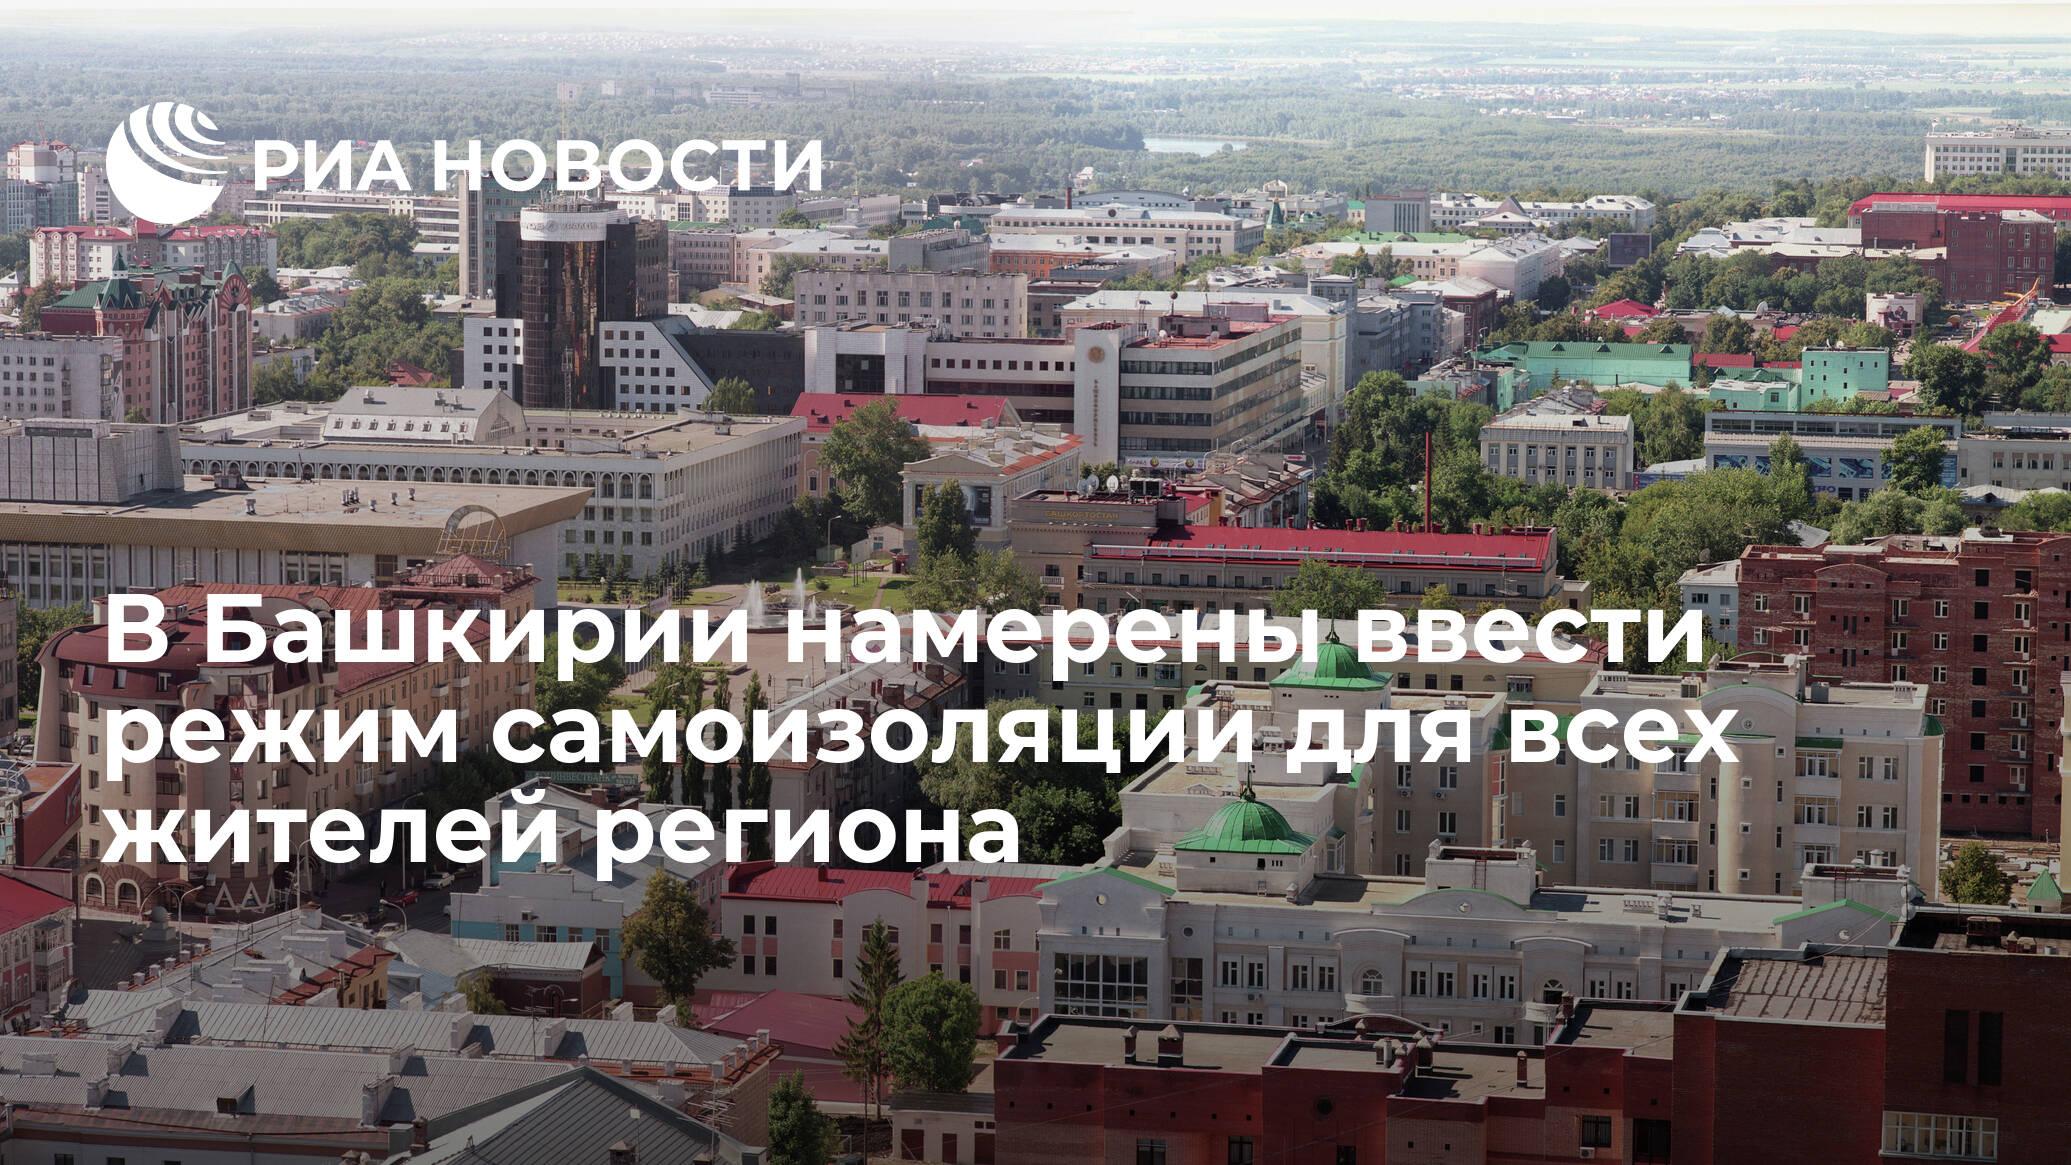 В Башкирии намерены ввести режим самоизоляции для всех жителей региона